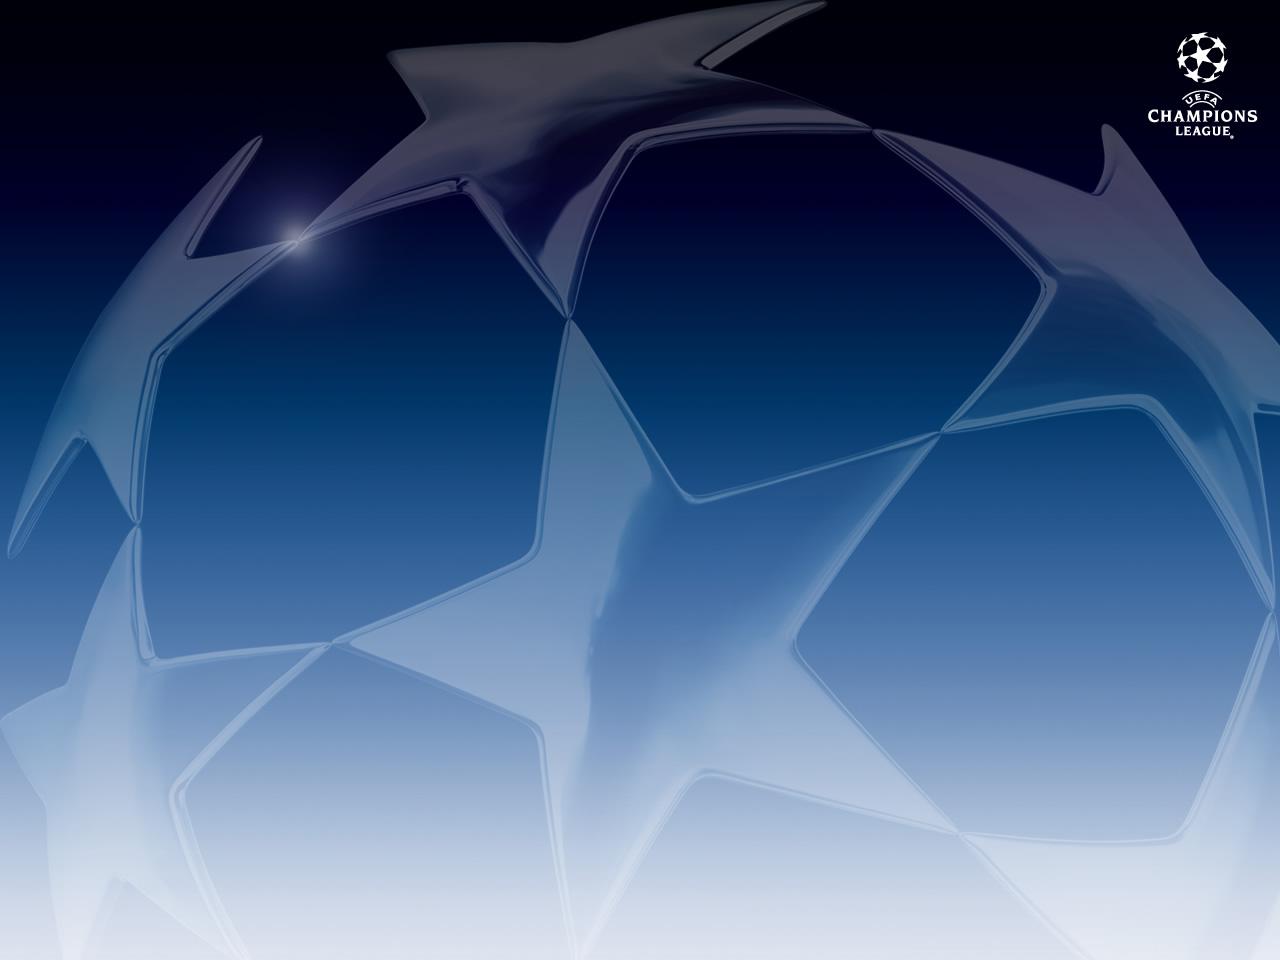 ... liste complète des fonds décran de Football : League des Champions